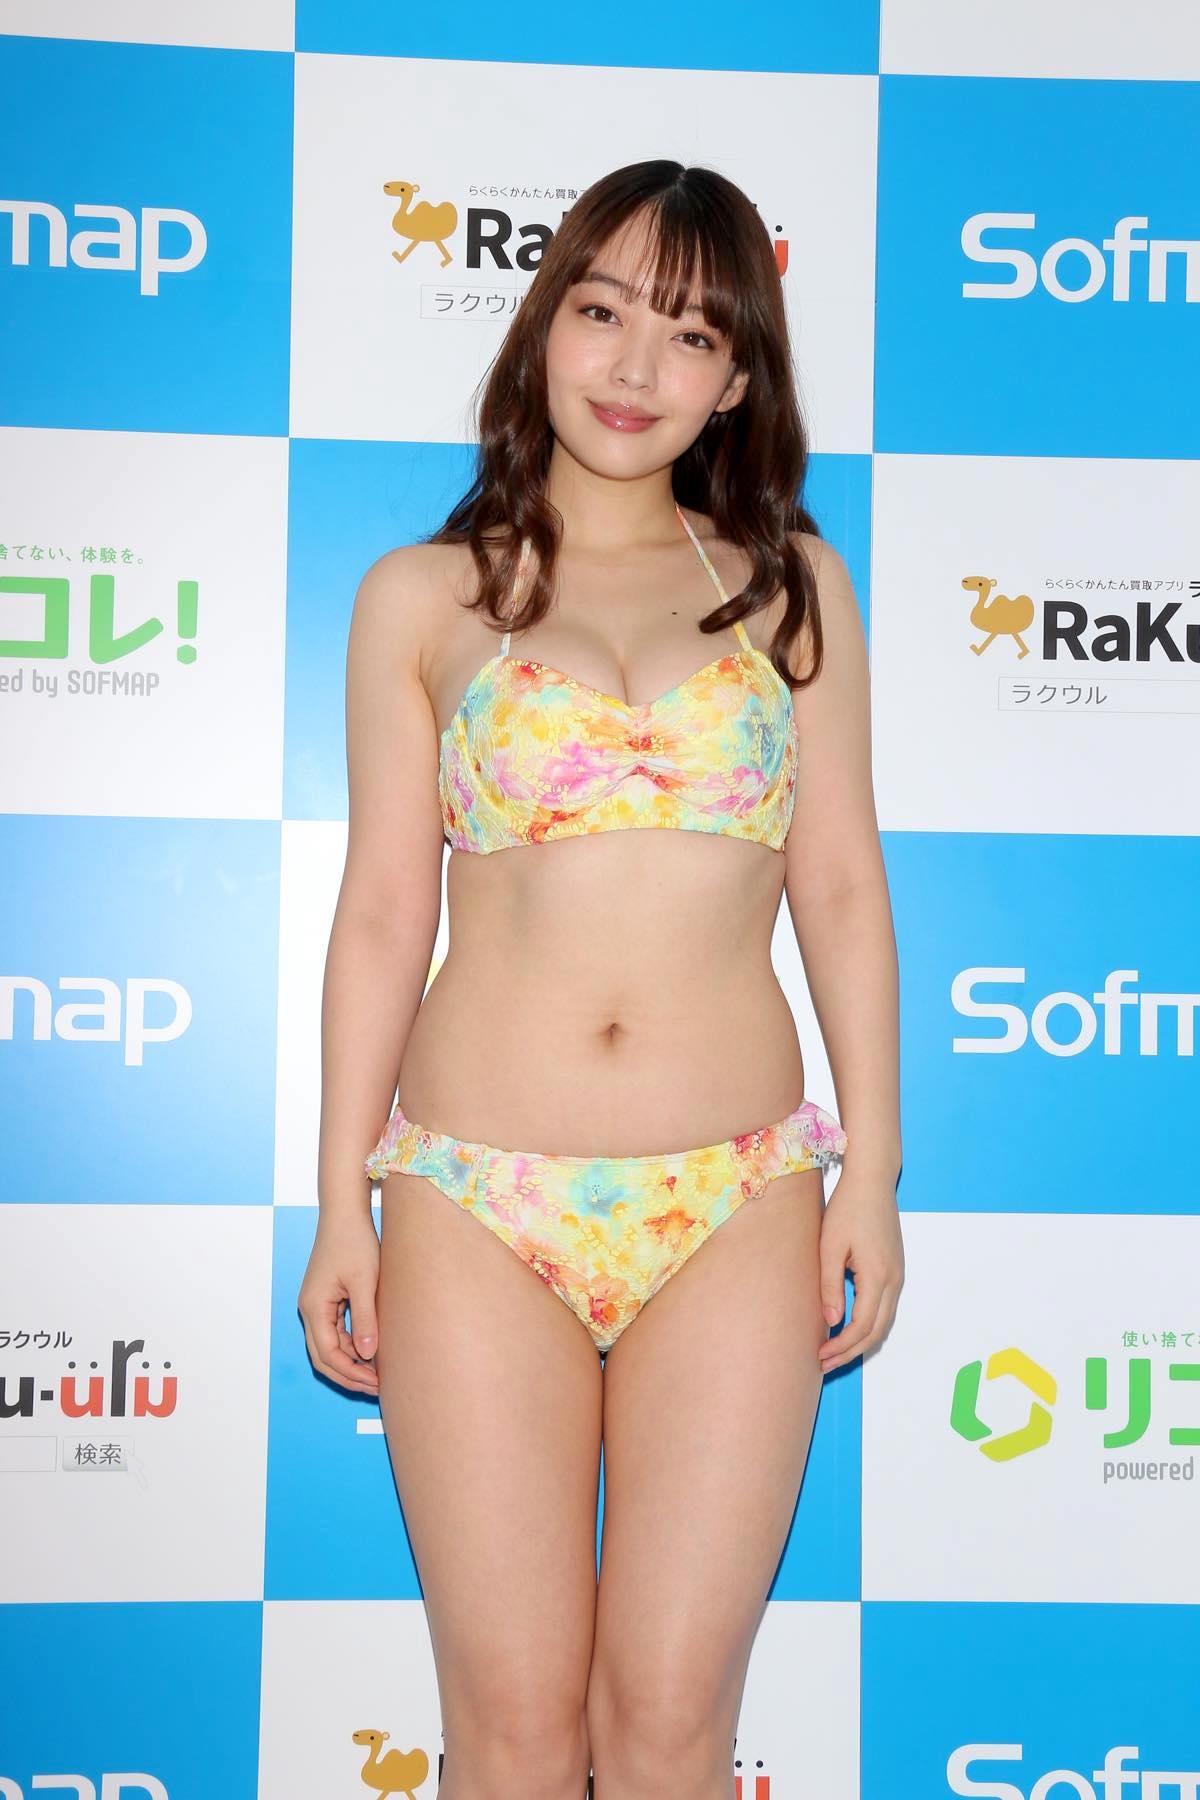 安藤遥のグラビア水着ビキニ画像0003